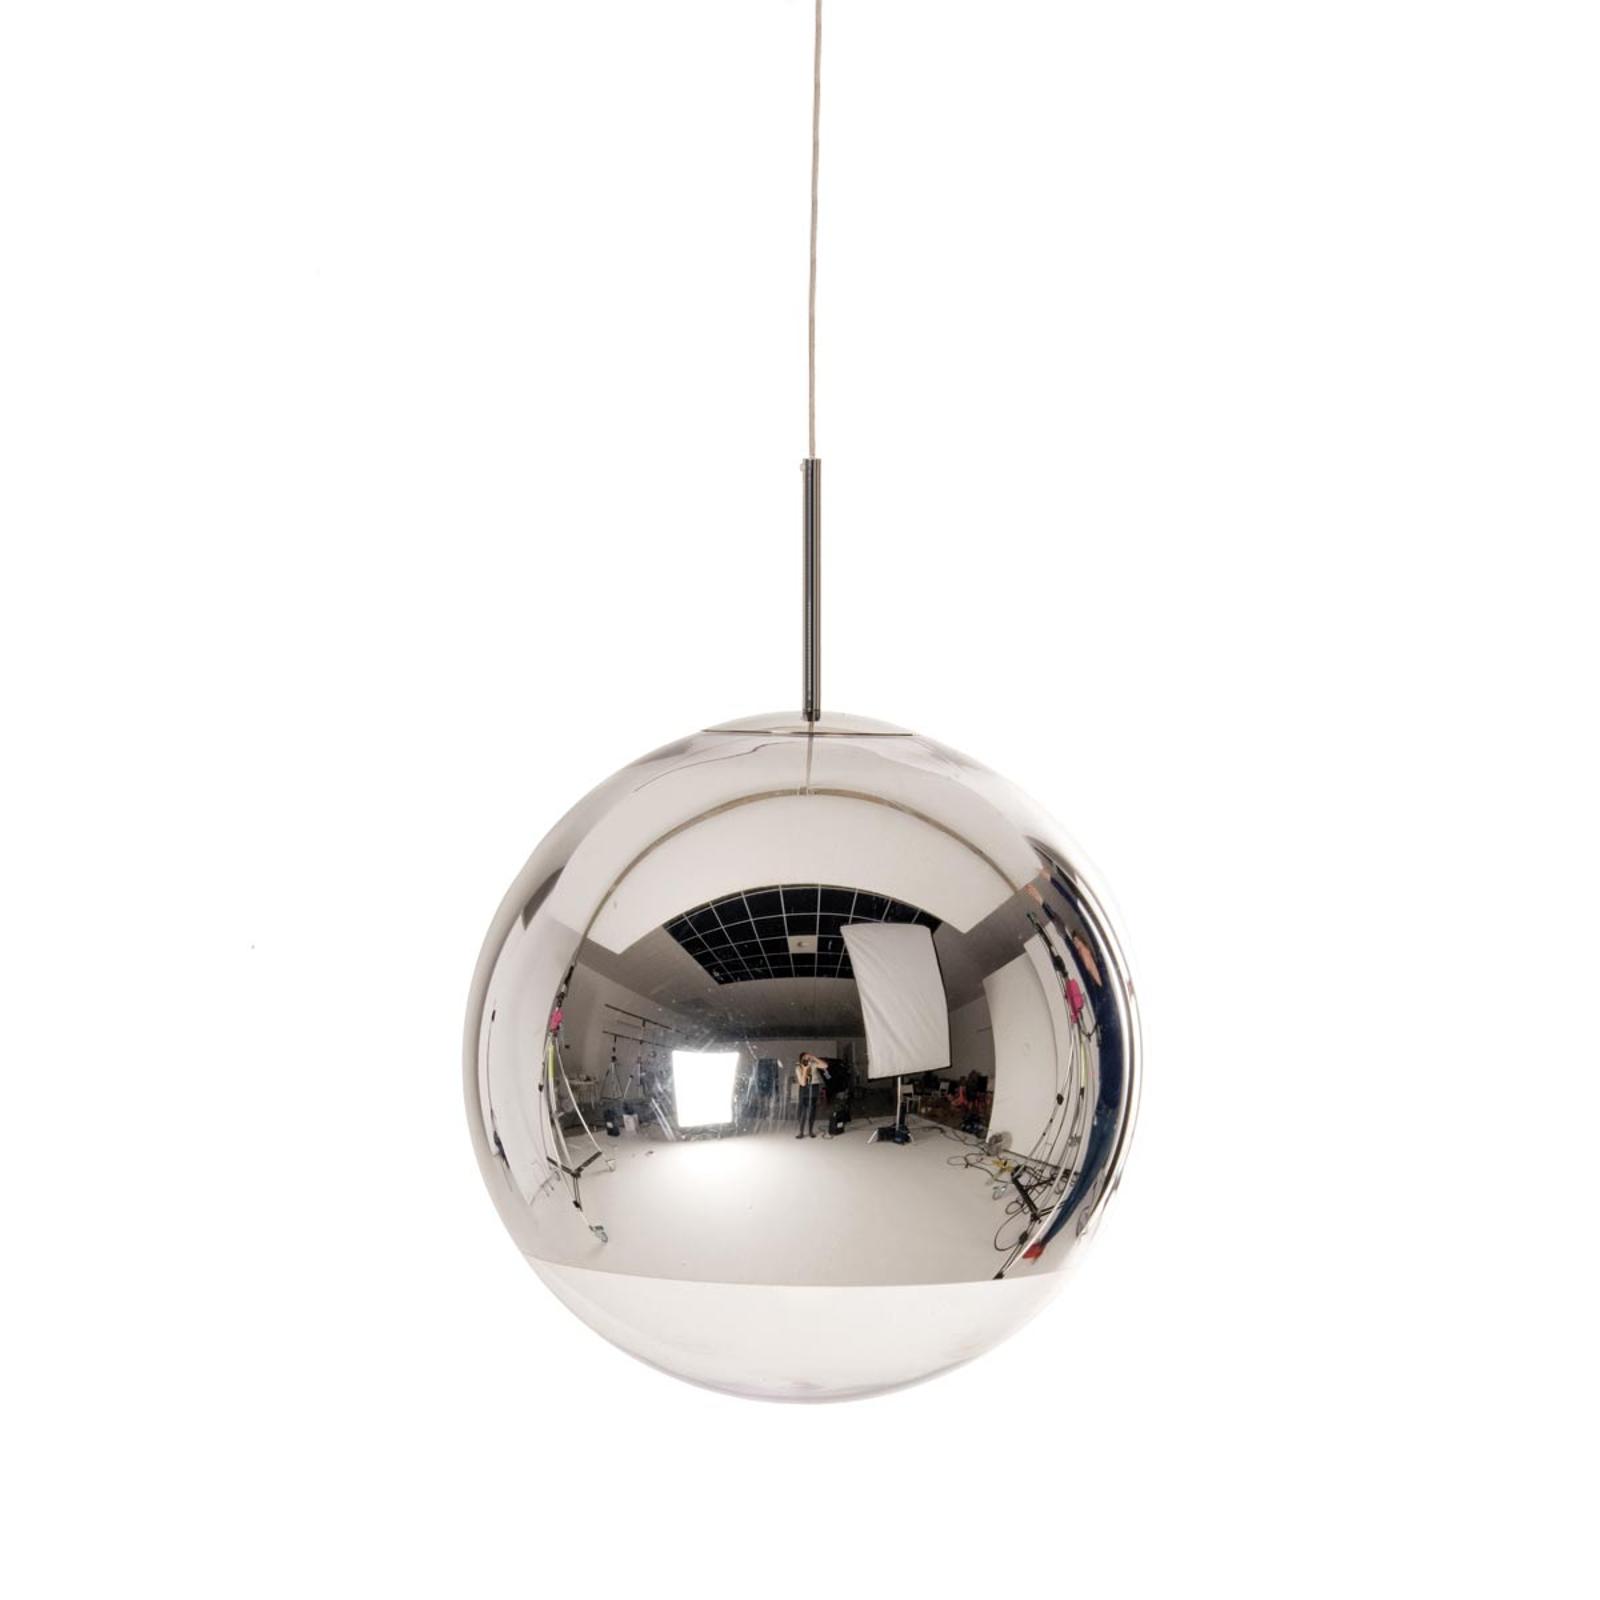 Tom Dixon Mirror Ball - Hängeleuchte chrom, 40 cm